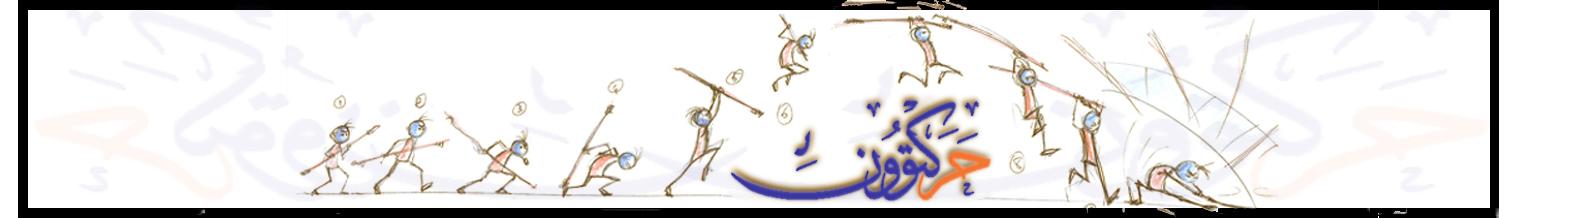 7arakatoon